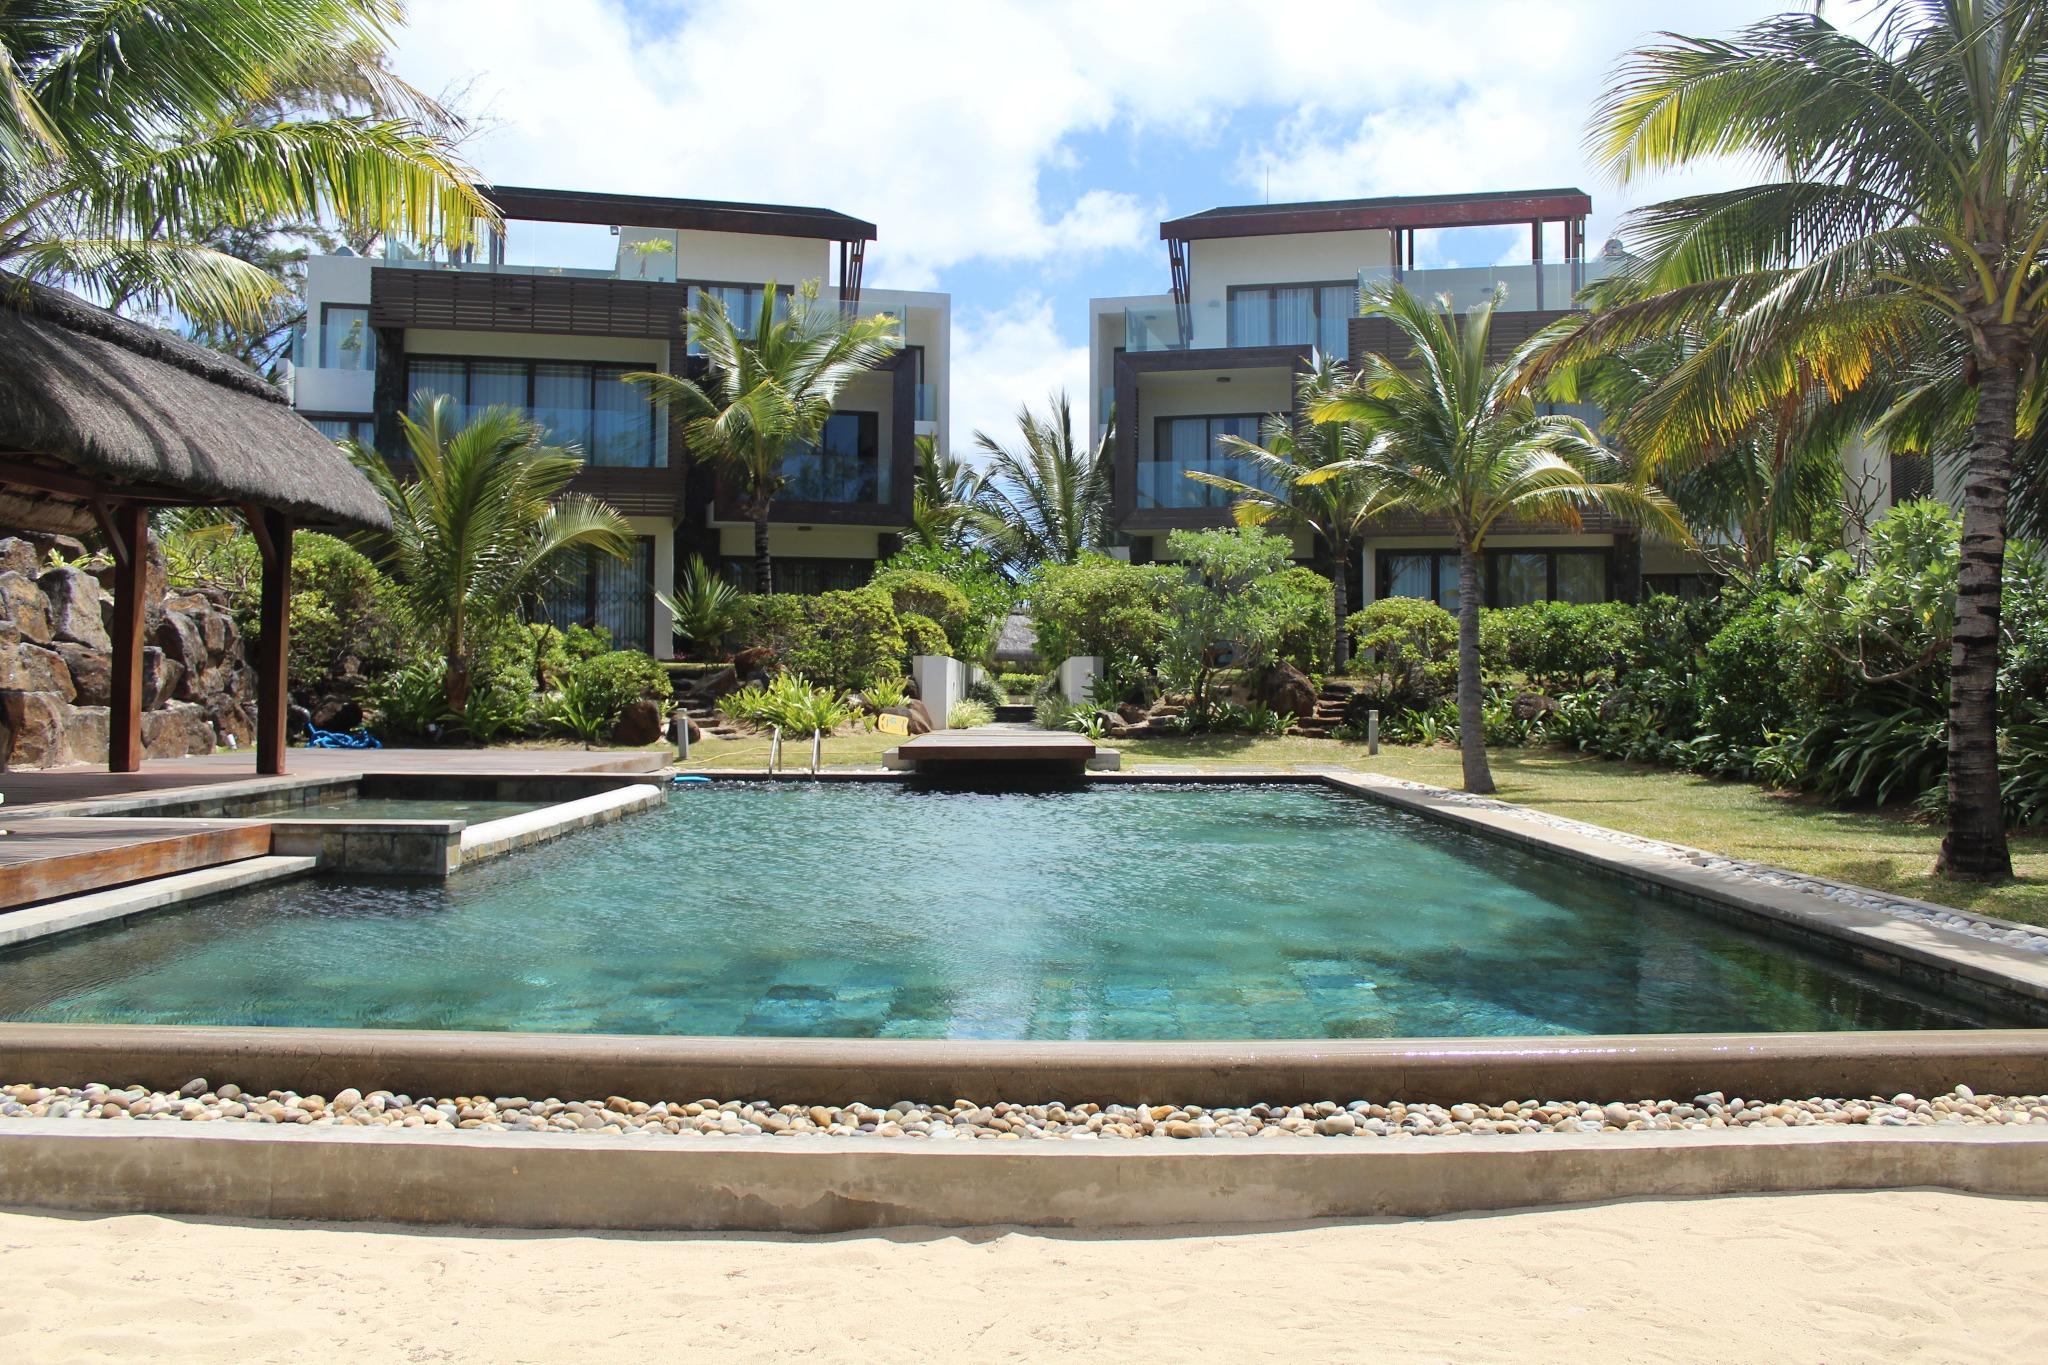 A louer – Magnifique penthouse pieds dans l'eau situé dans une résidence sécurisée 24H/24 à Belle Mare